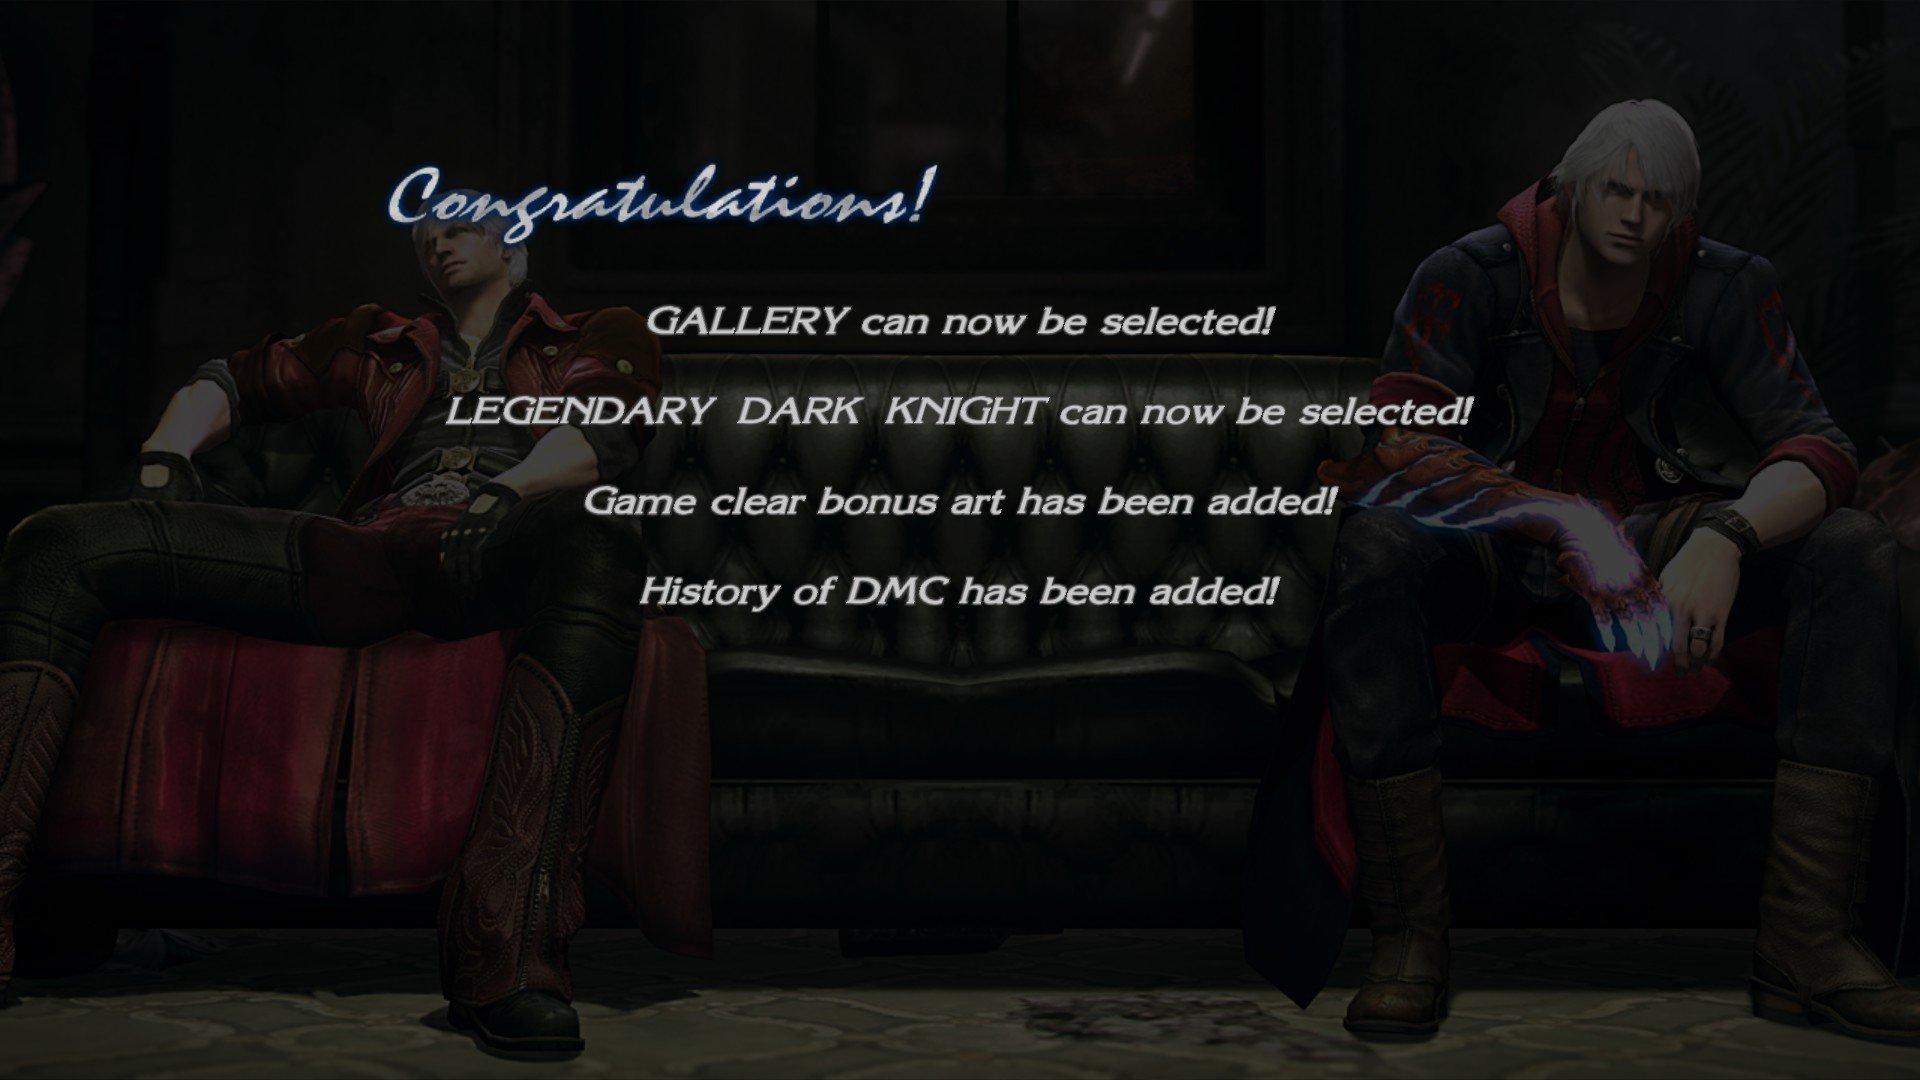 Devil May Cry 4 пройден на обычном уровне сложности. С месяц назад я застрял в начале 16го уровня. Сегодня наконец п .... - Изображение 1